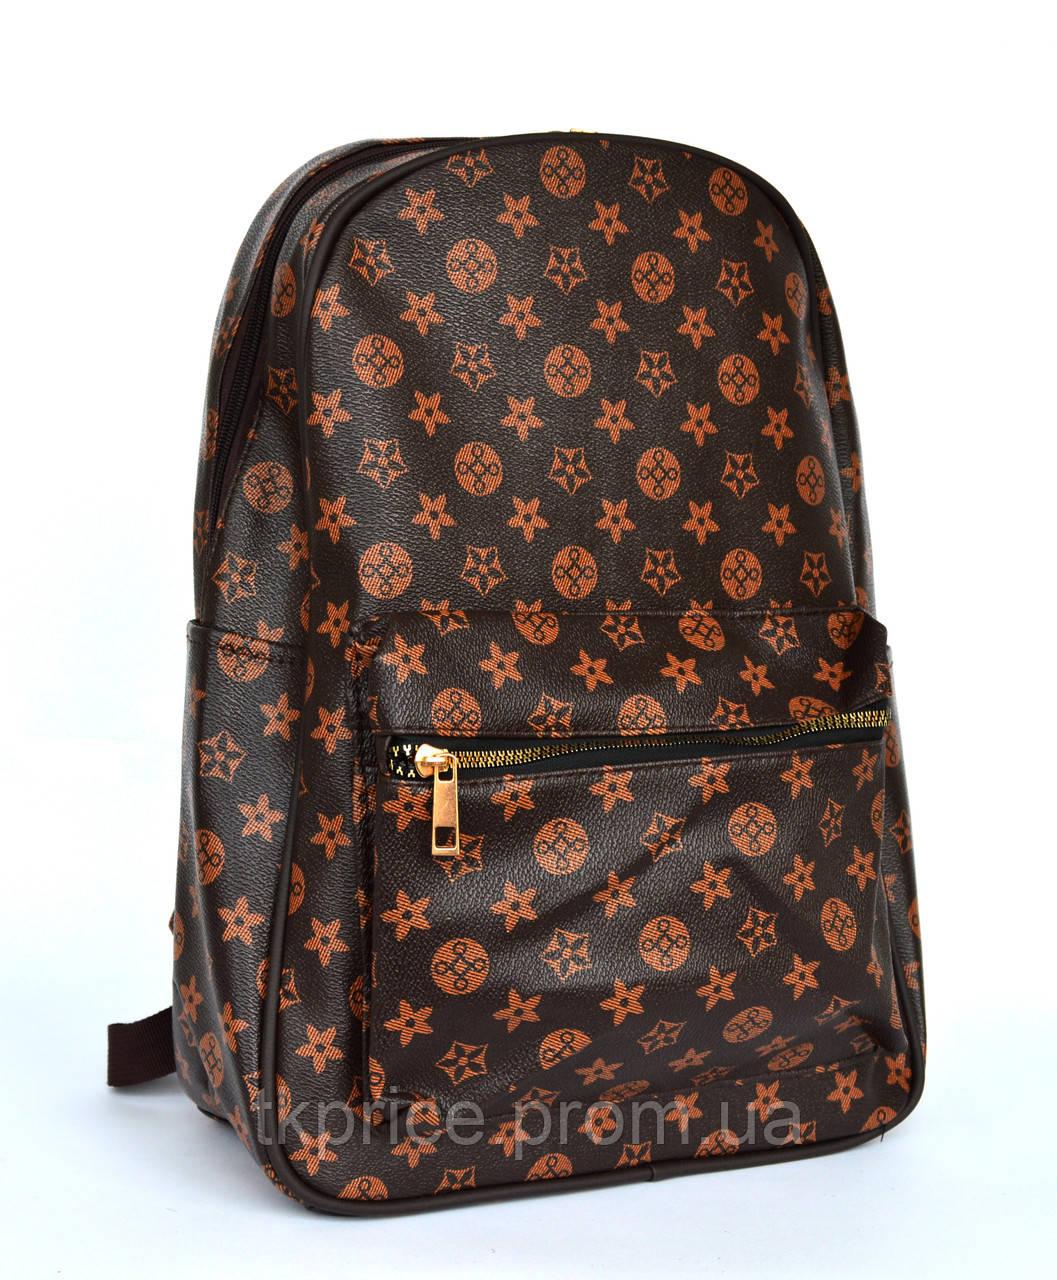 Модный универсальный рюкзак с эко-кожи  5988